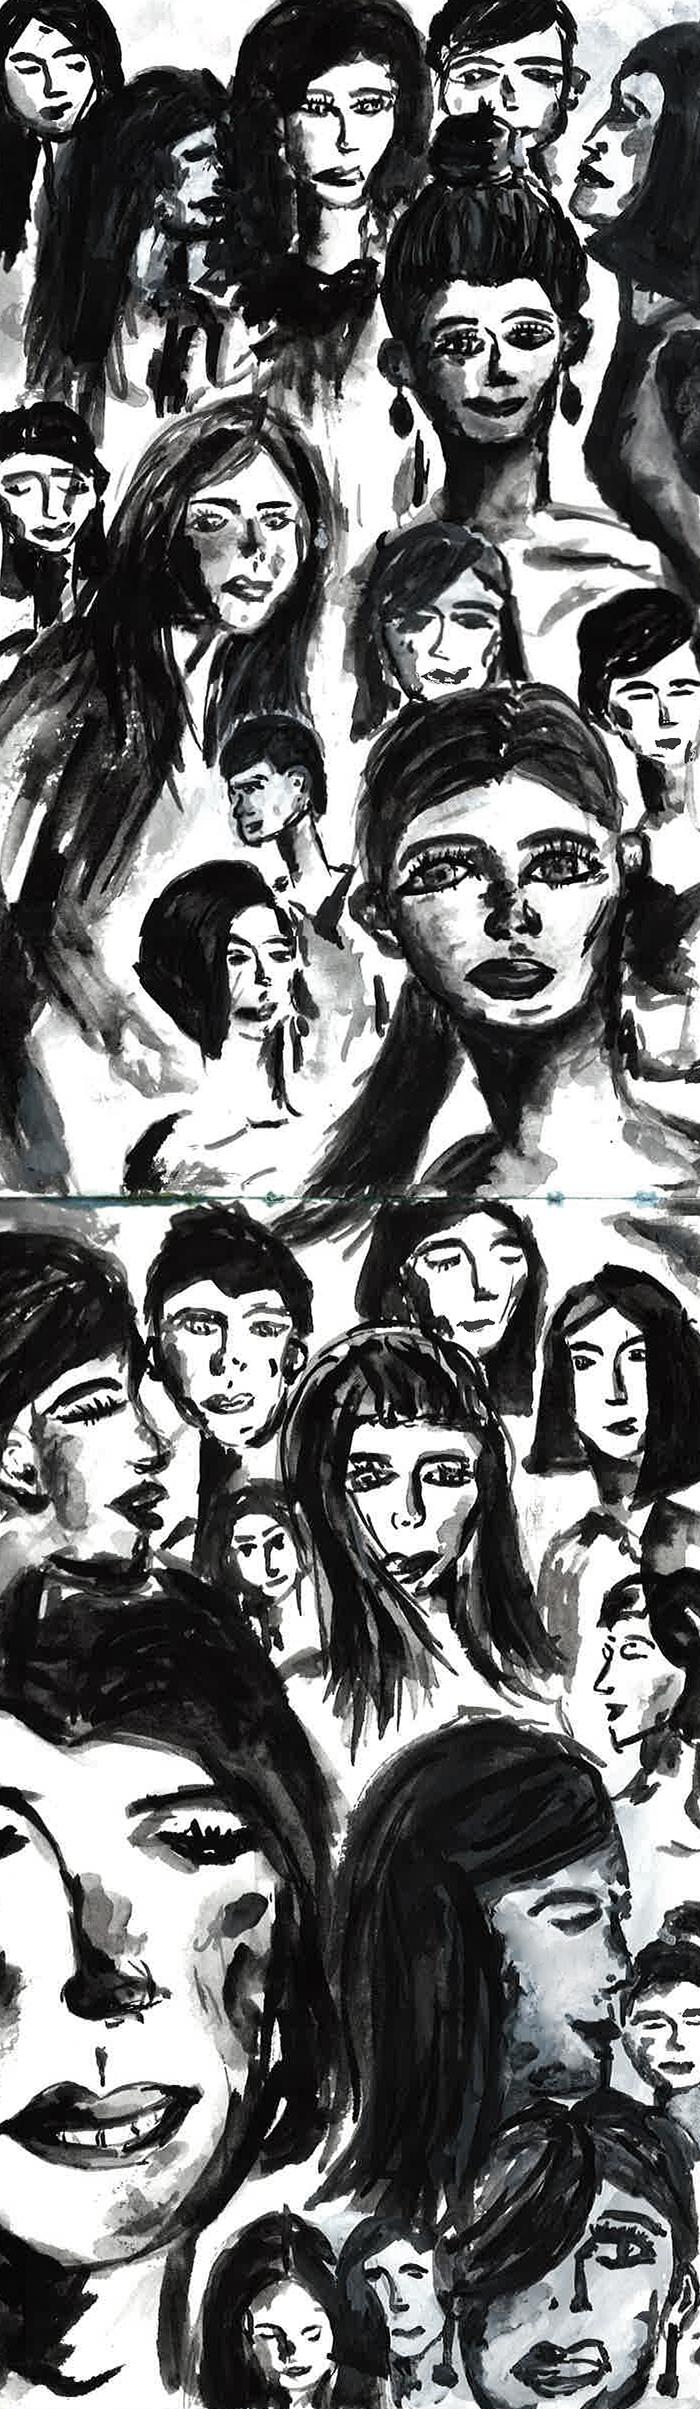 AS_Sketch25.jpg